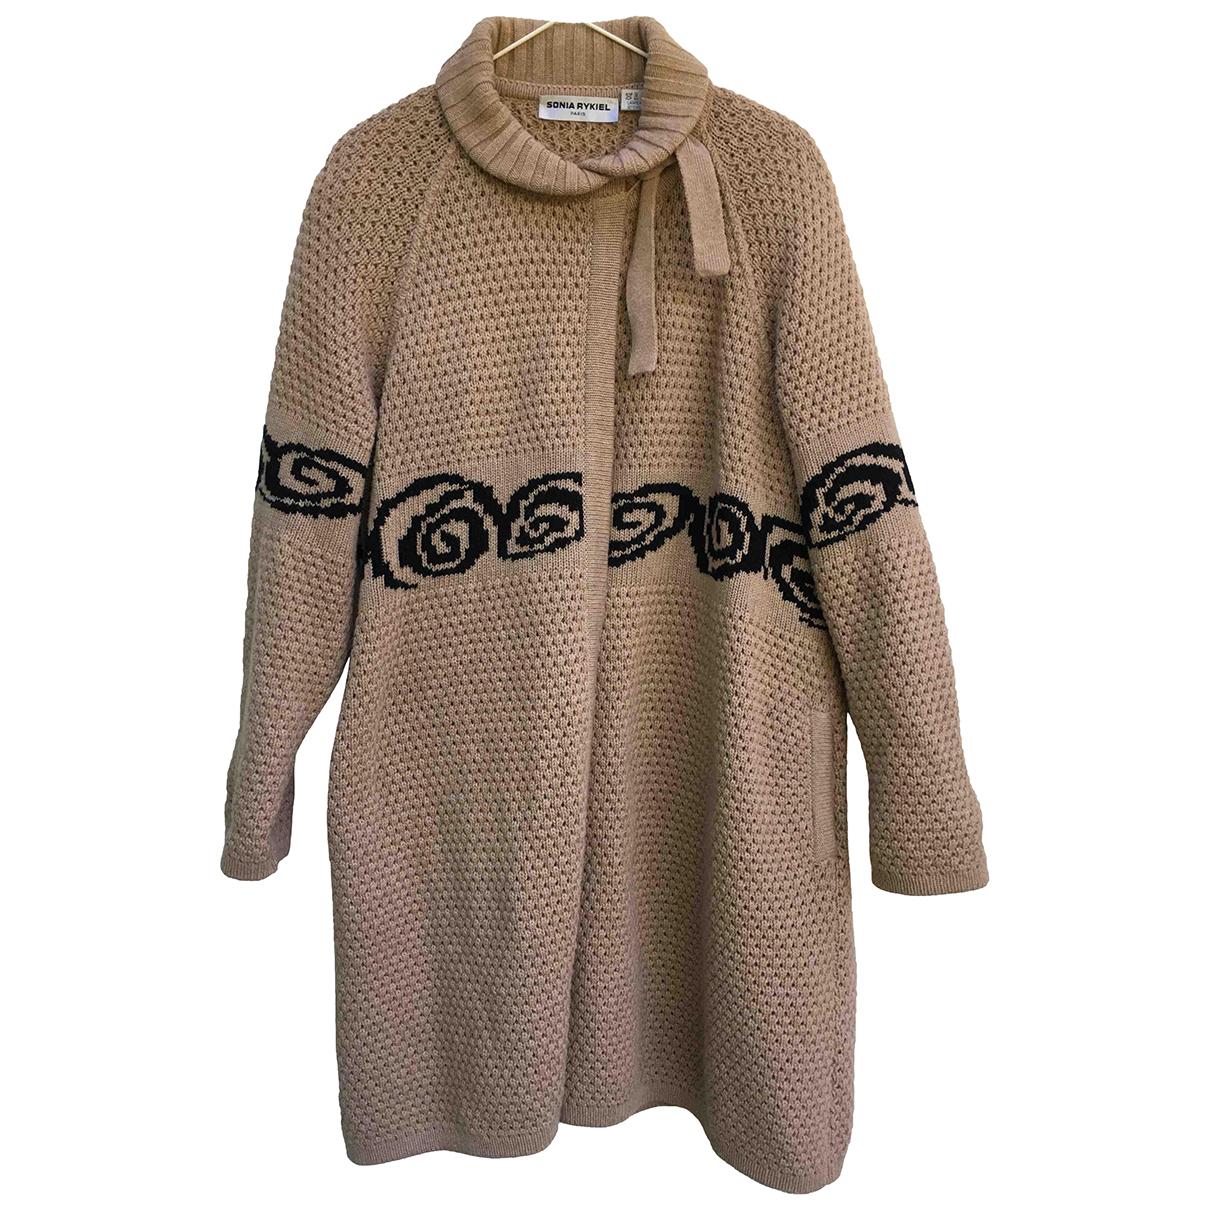 Sonia Rykiel N Beige Wool jacket for Women 38 FR